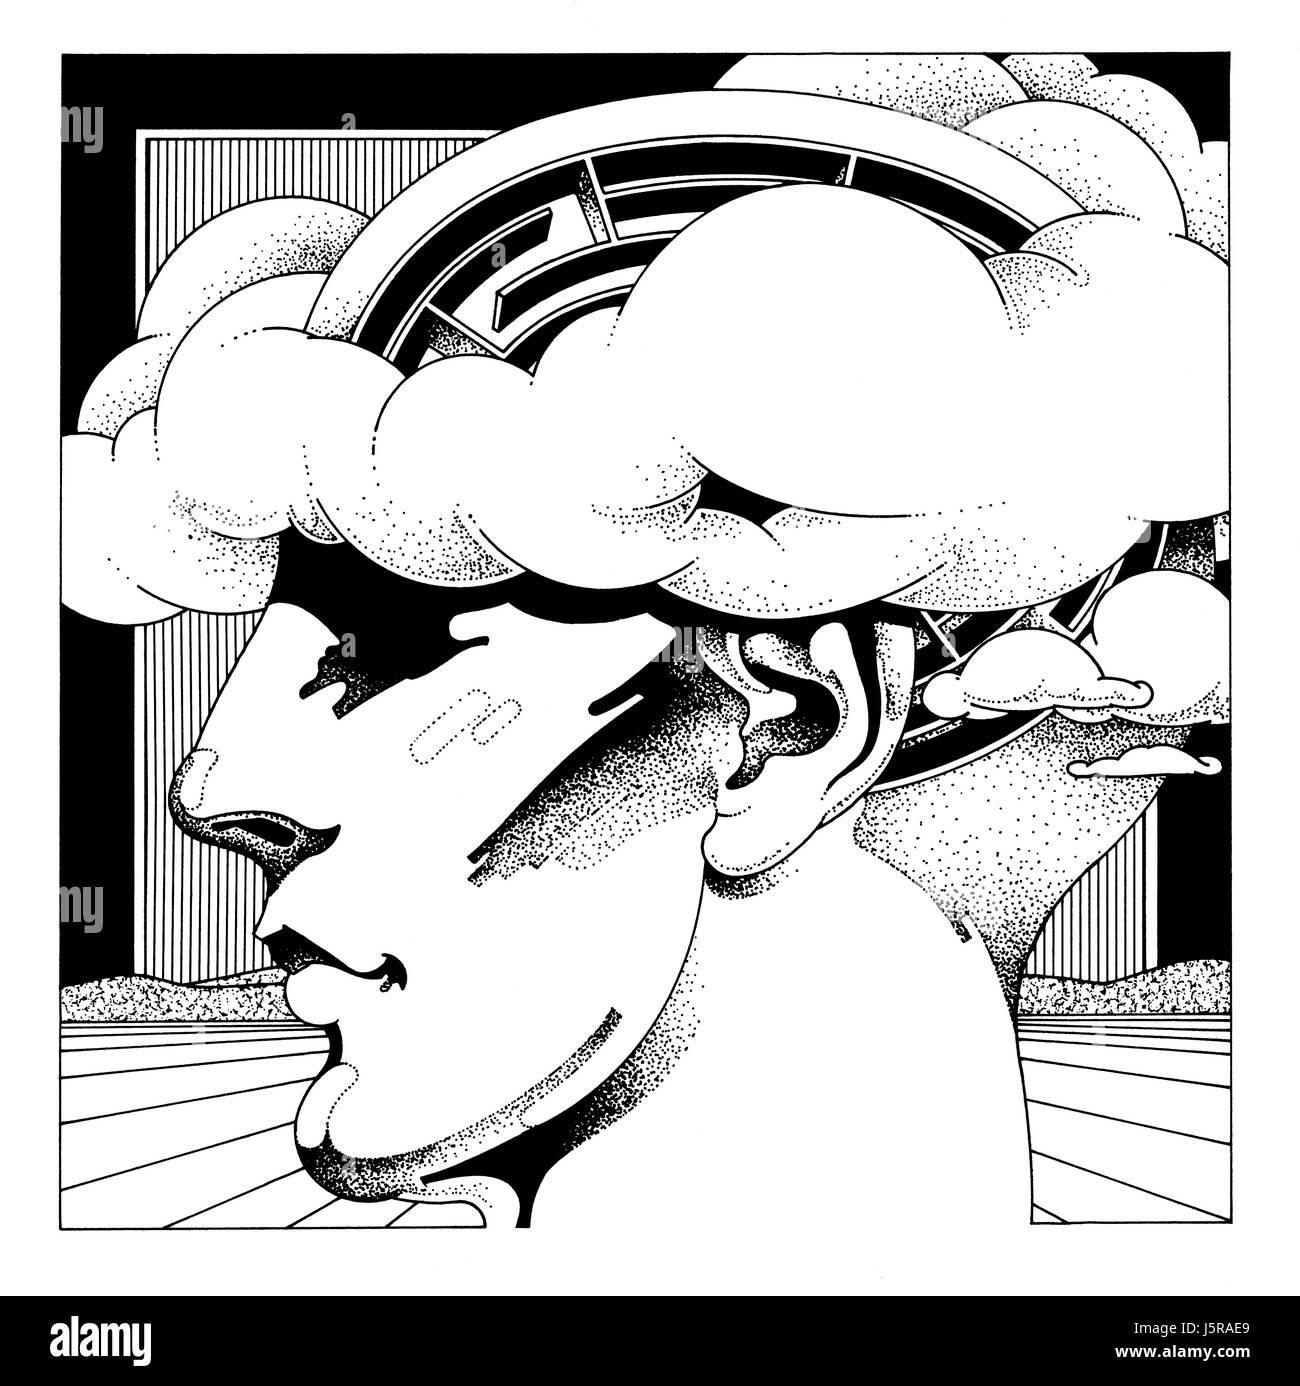 Laberinto en el cerebro humano Imagen De Stock